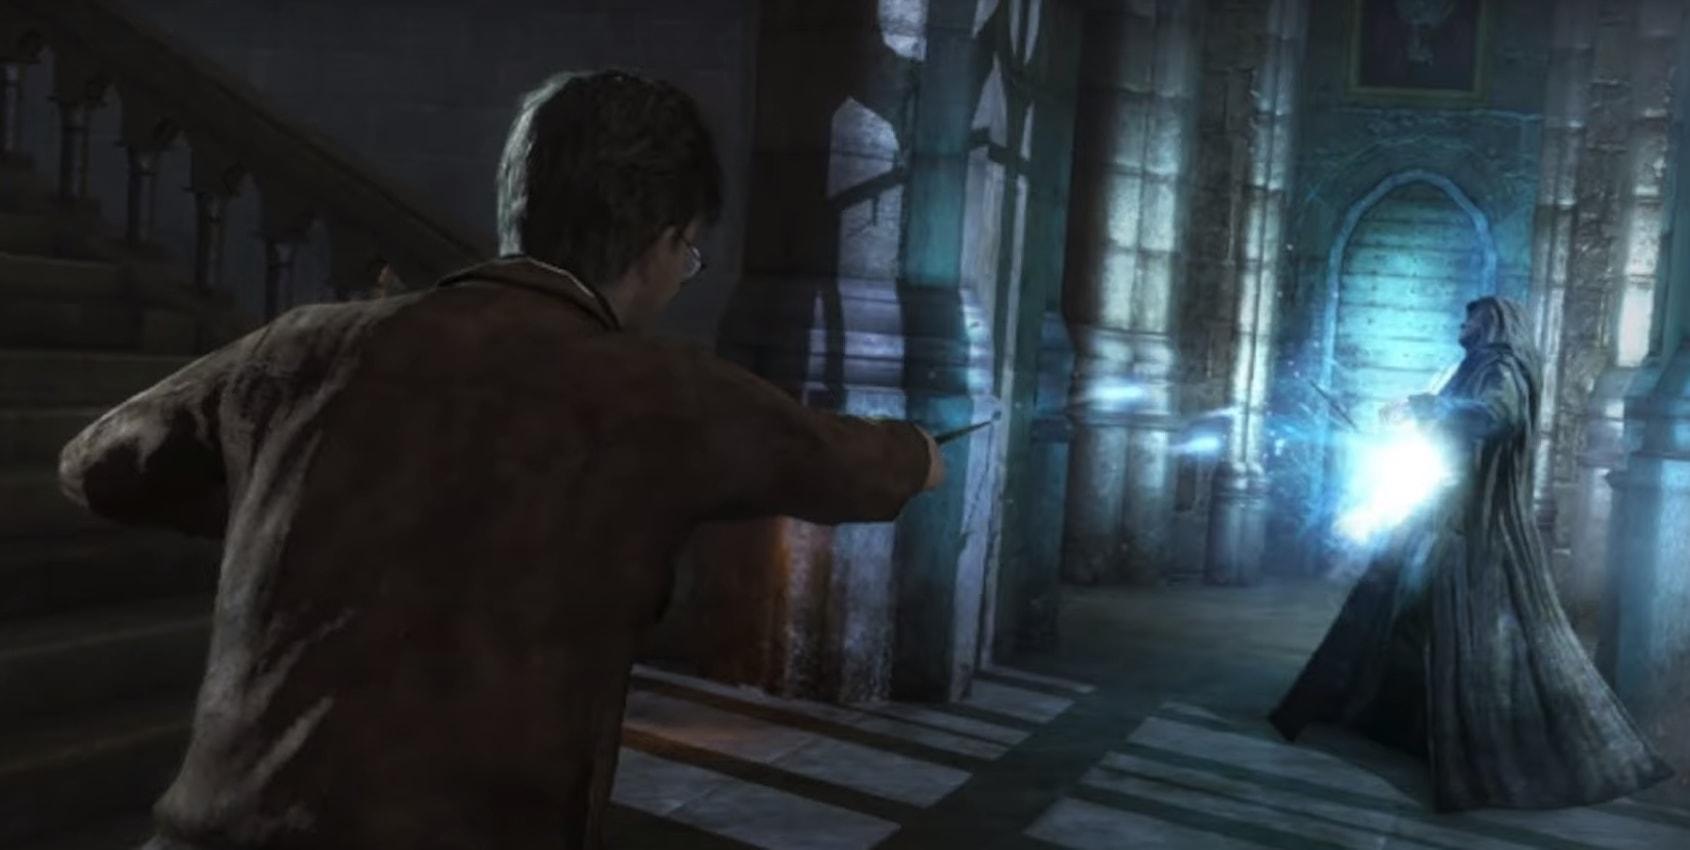 Les futurs jeux vidéo Harry Potter sur la sellette?